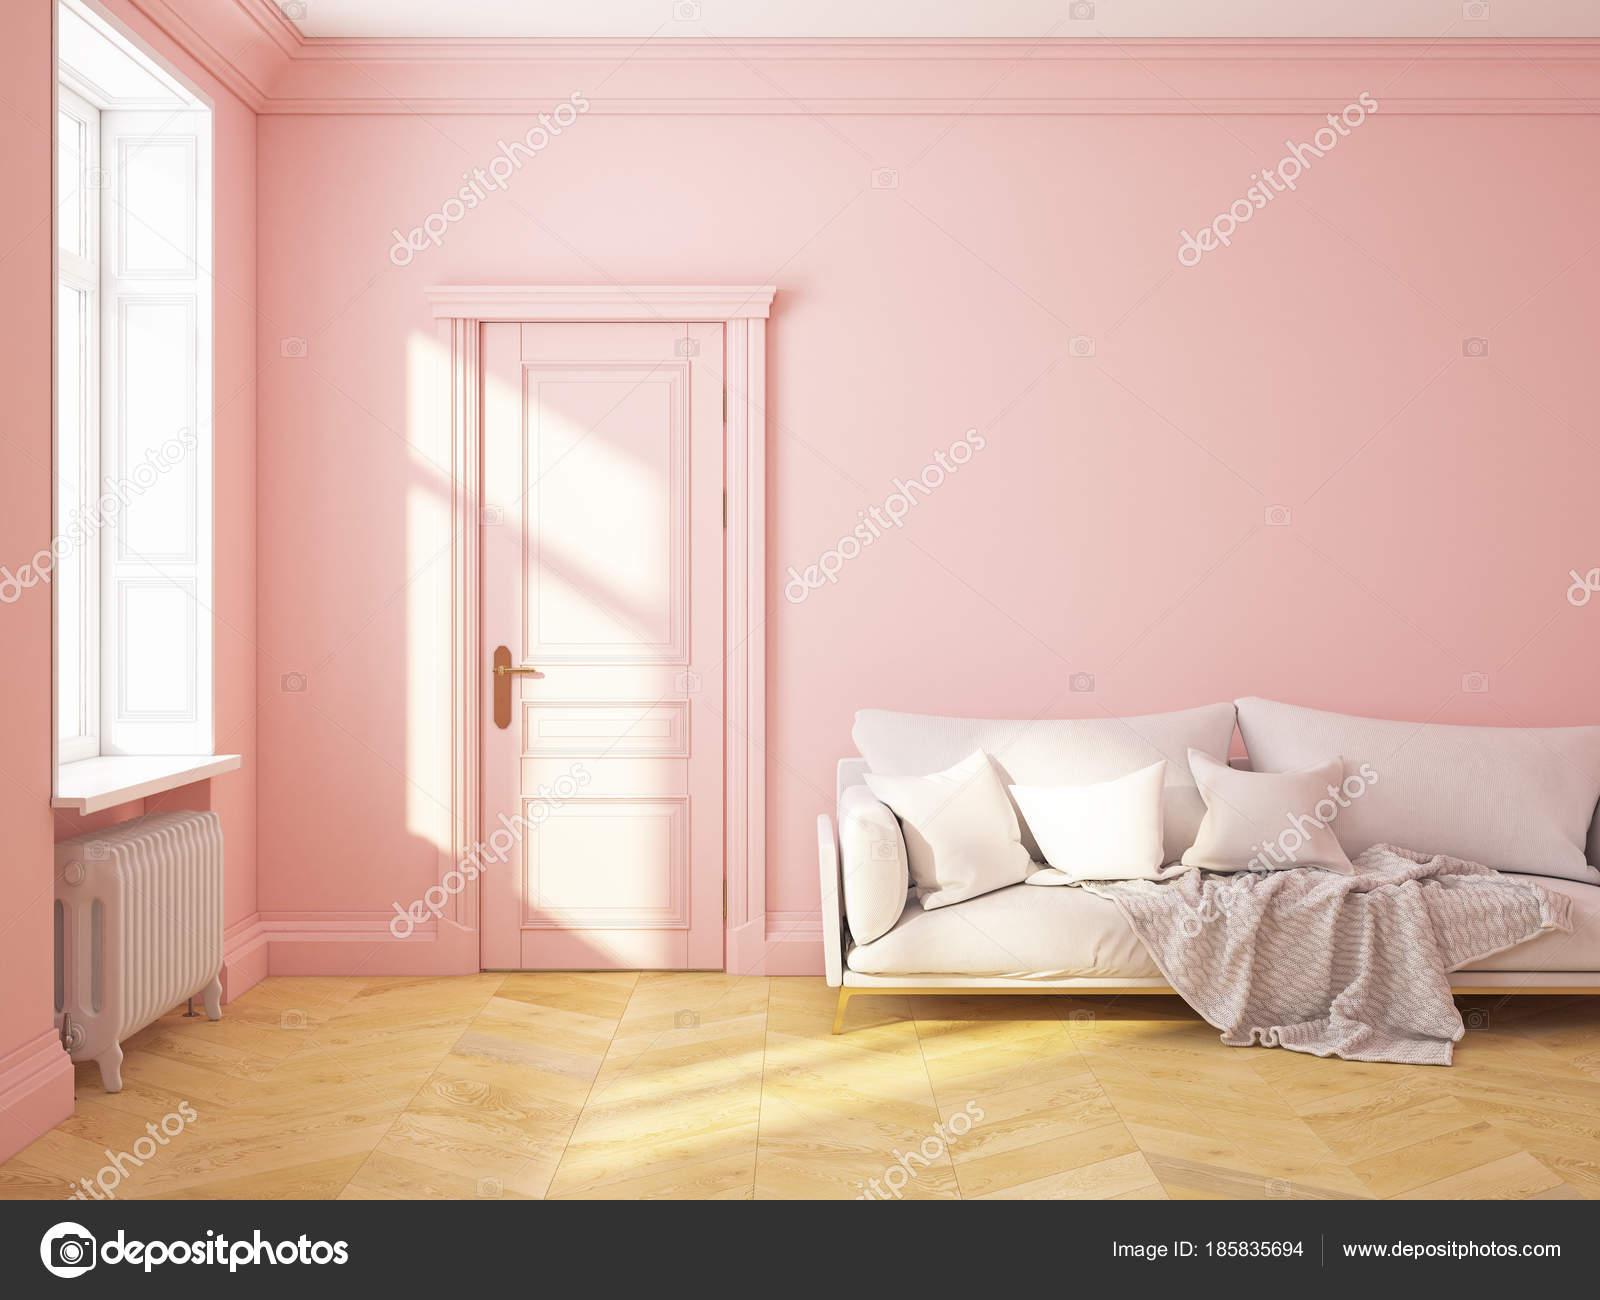 Classic interior pink roze quartz sofa — Stock Photo © YKvision ...